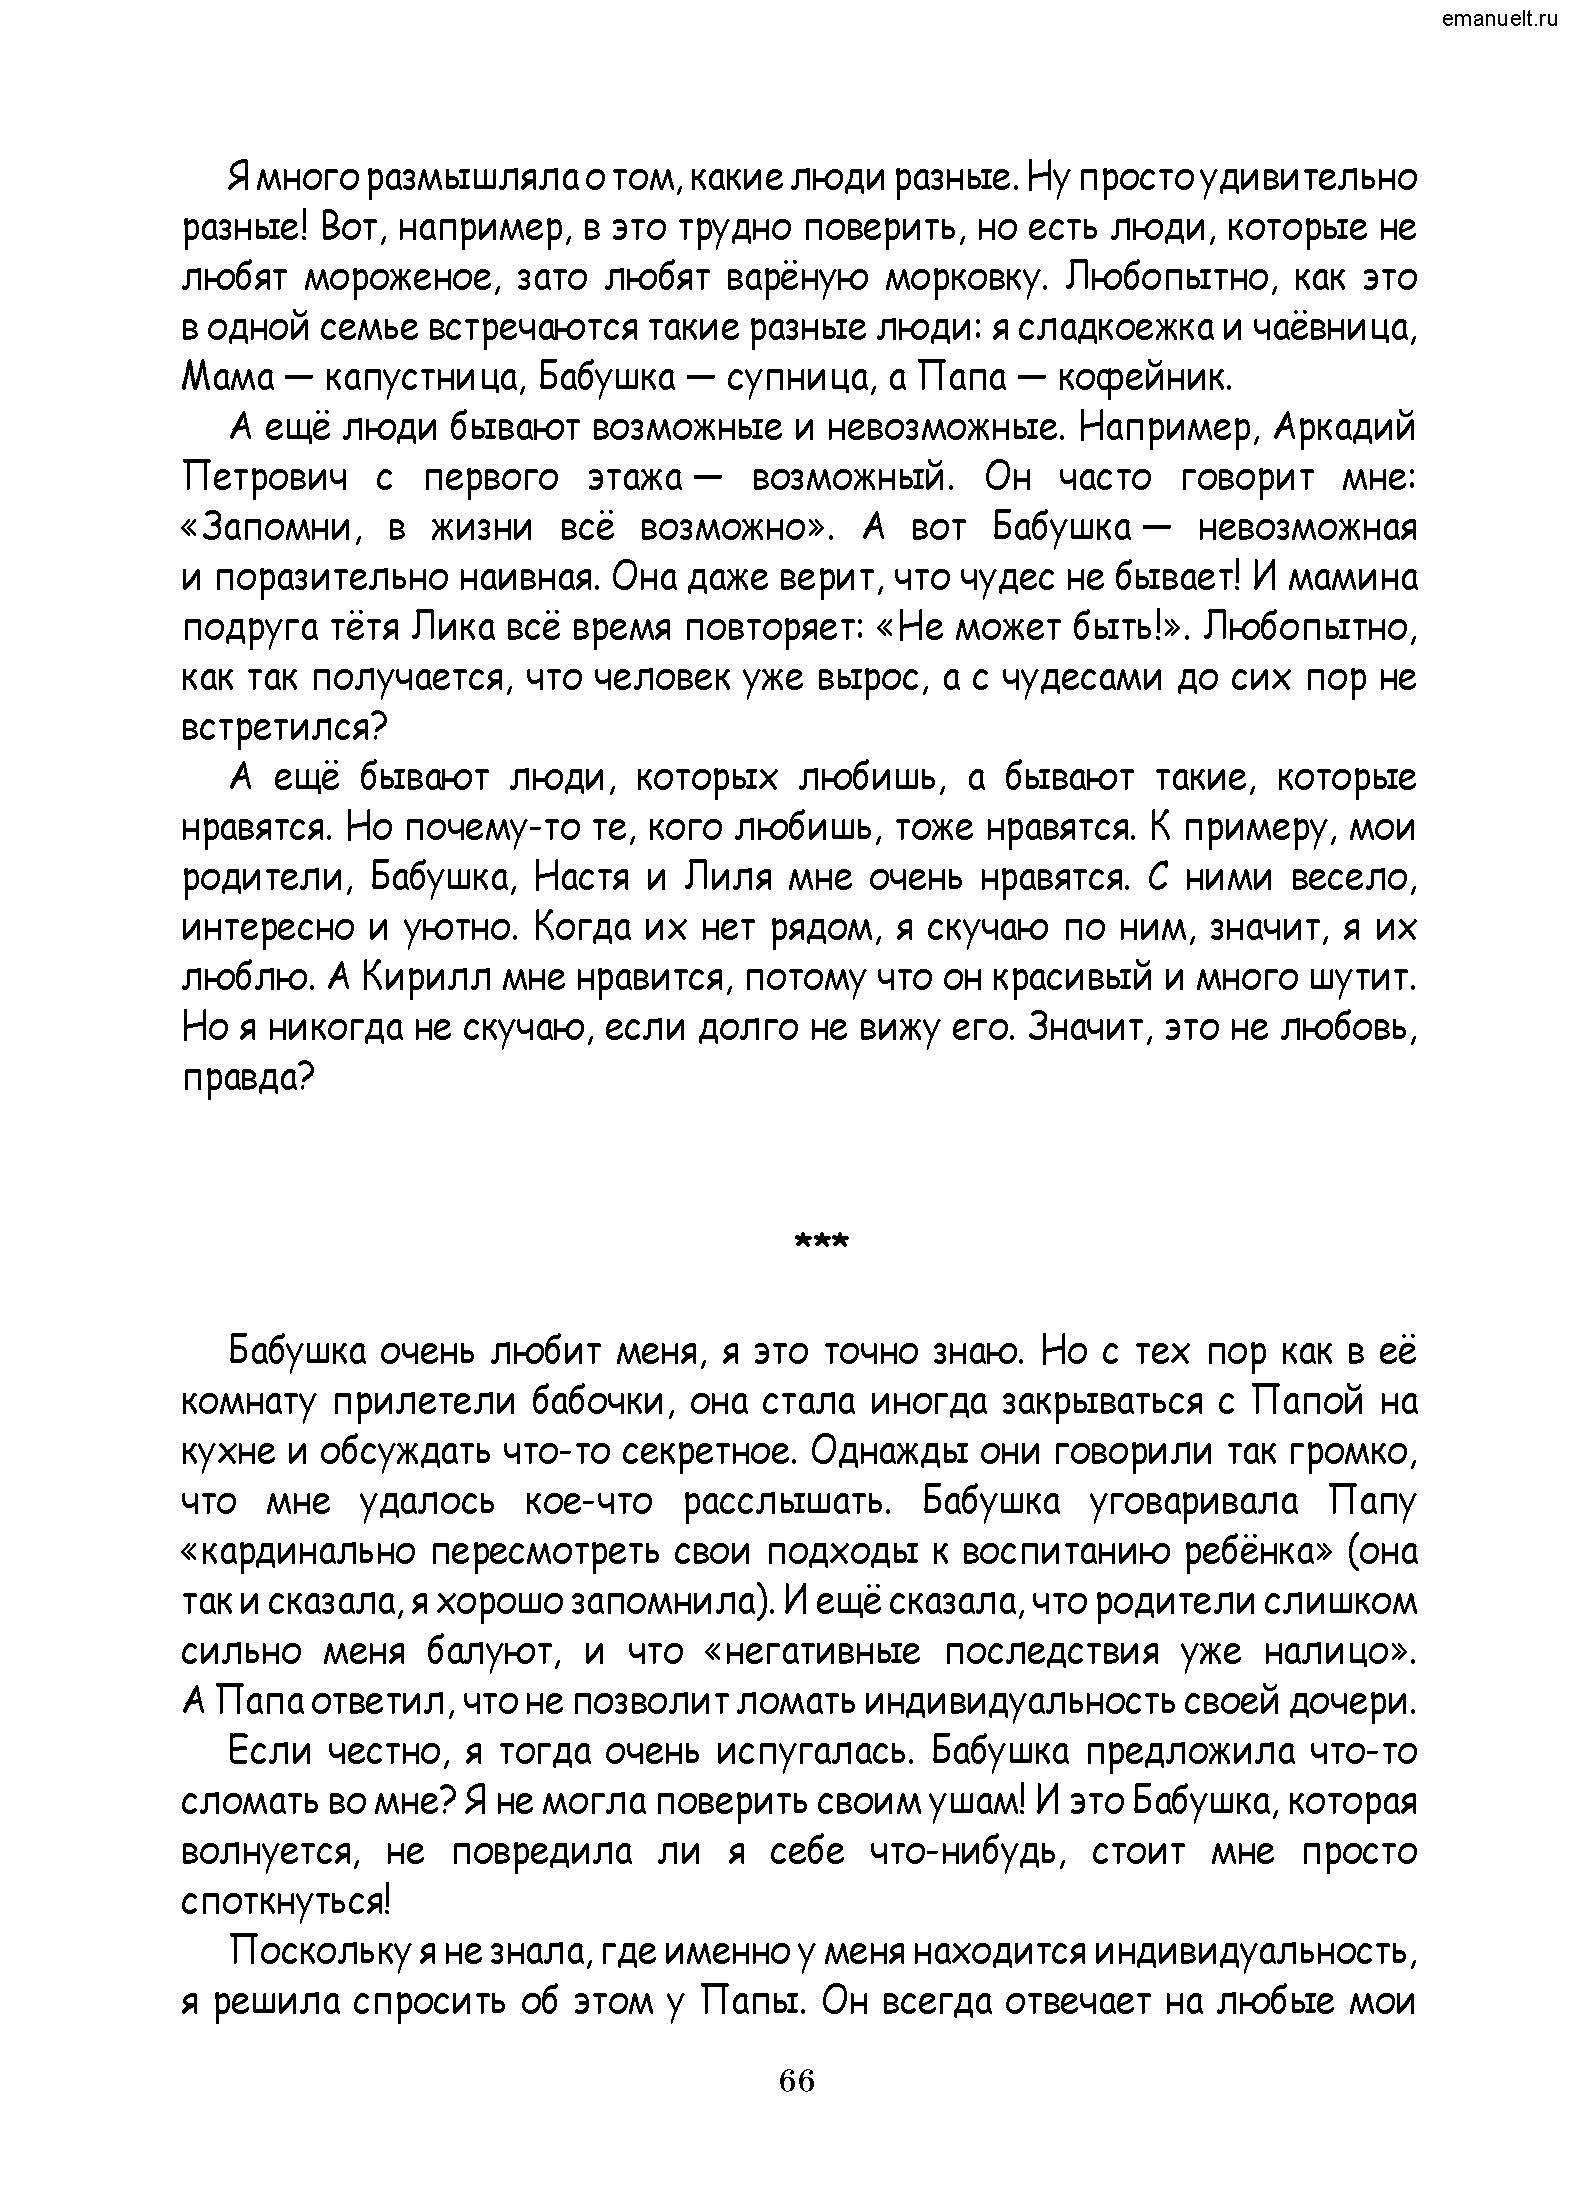 Рассказки в заданиях. emanuelt.ru_Страница_067